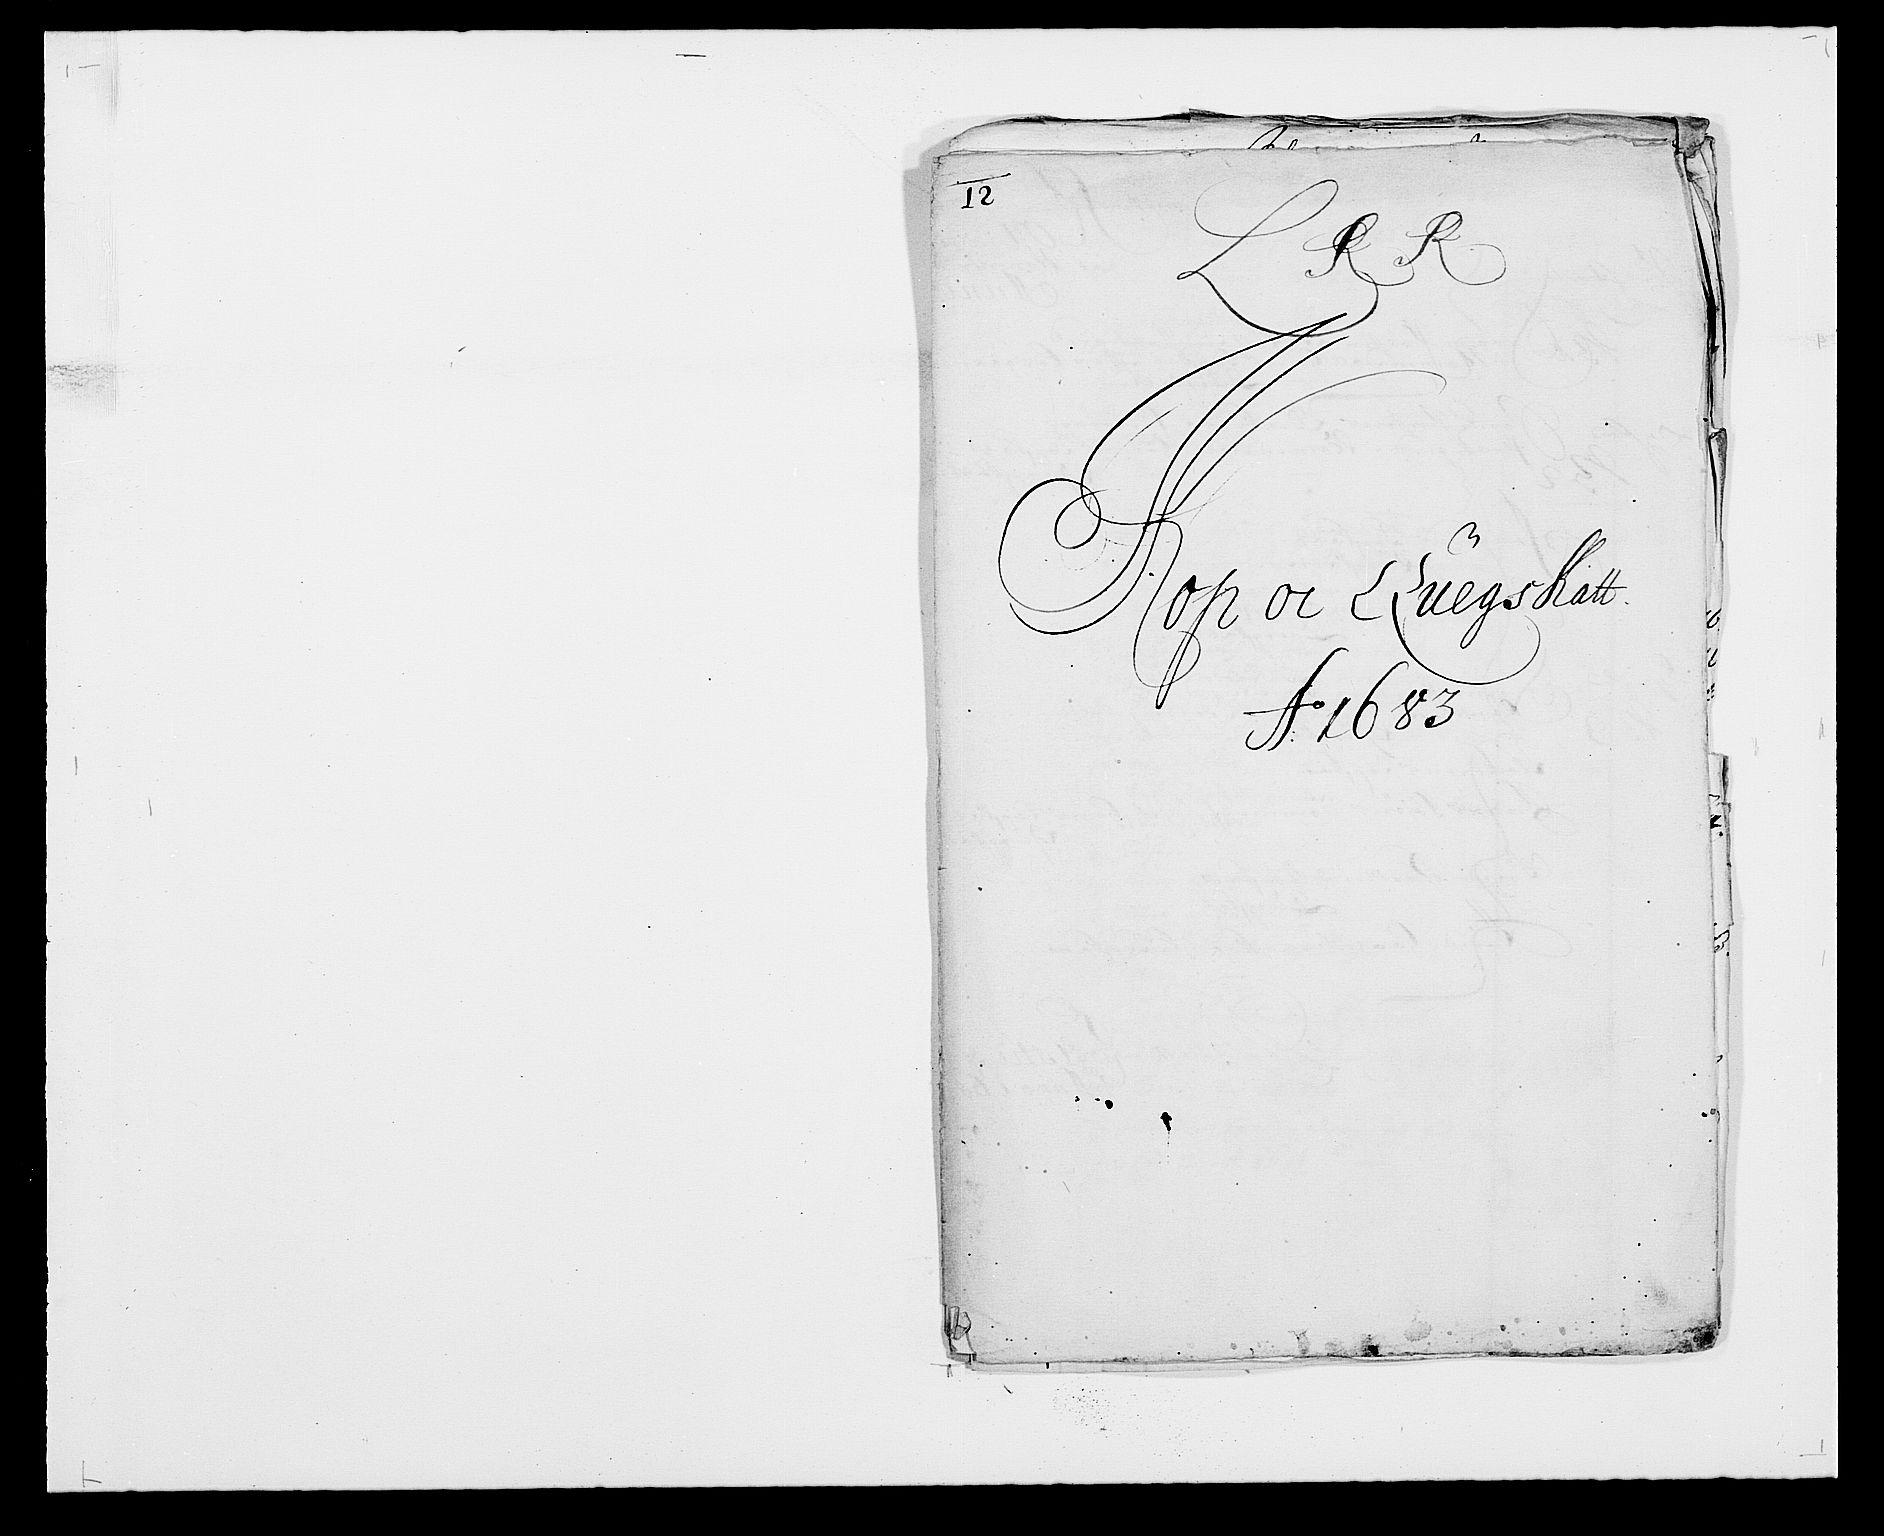 RA, Rentekammeret inntil 1814, Reviderte regnskaper, Fogderegnskap, R24/L1570: Fogderegnskap Numedal og Sandsvær, 1679-1686, s. 350